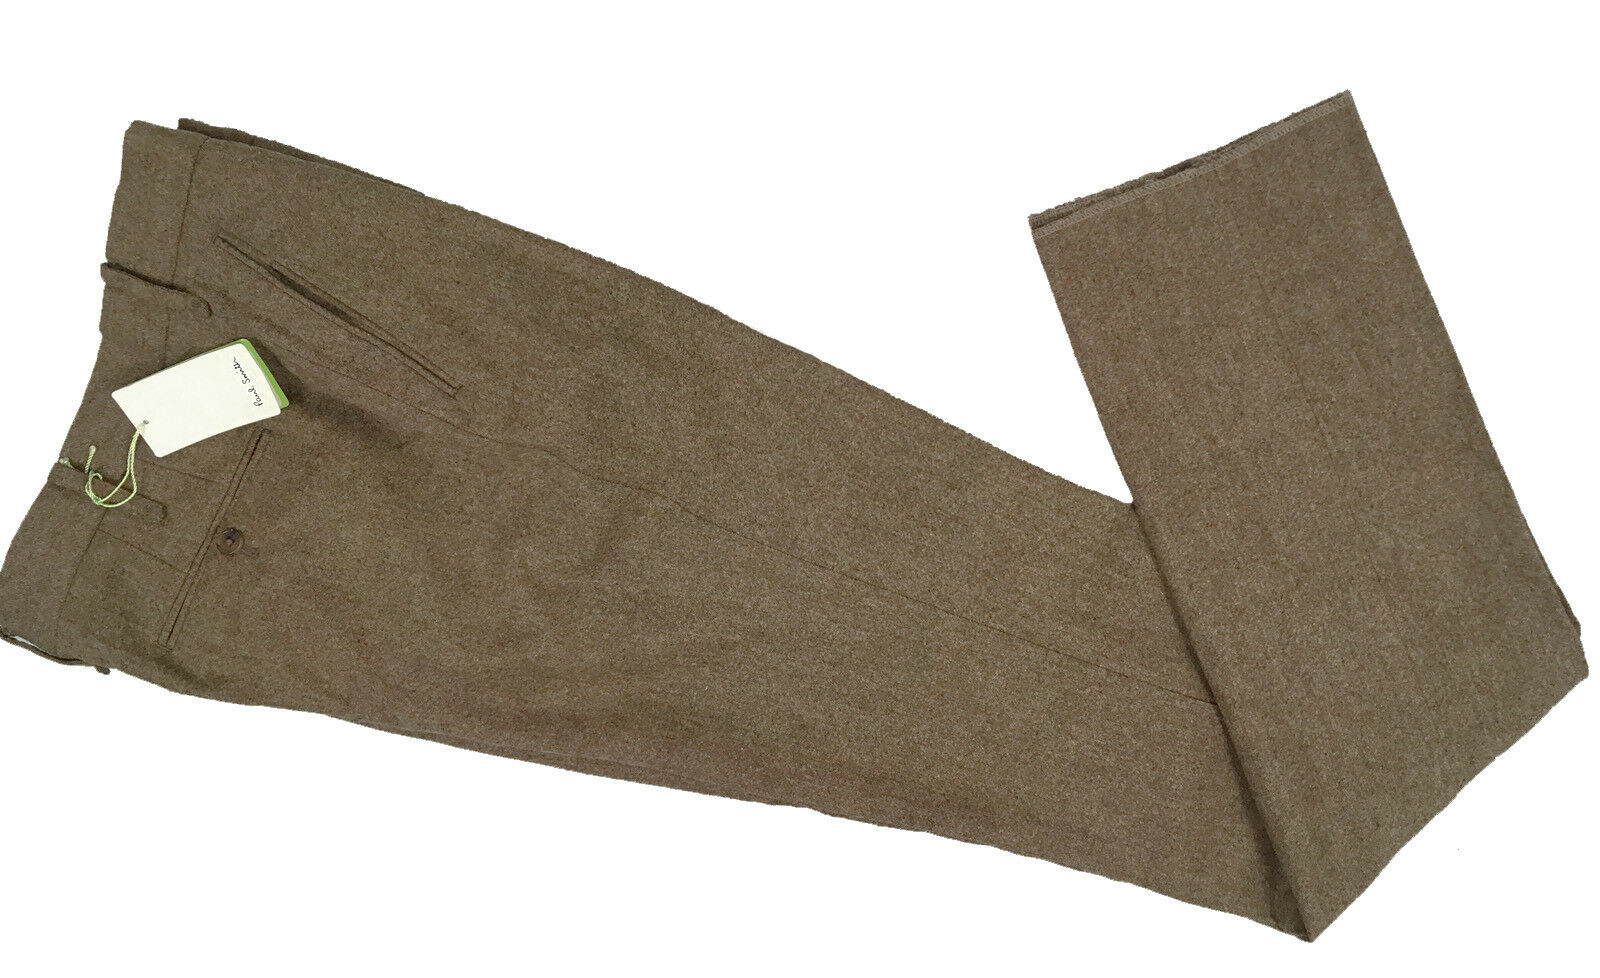 NEW  Paul Smith Slim Fit Pants   34   Brown Tweed  Heavier  MADE IN JAPAN